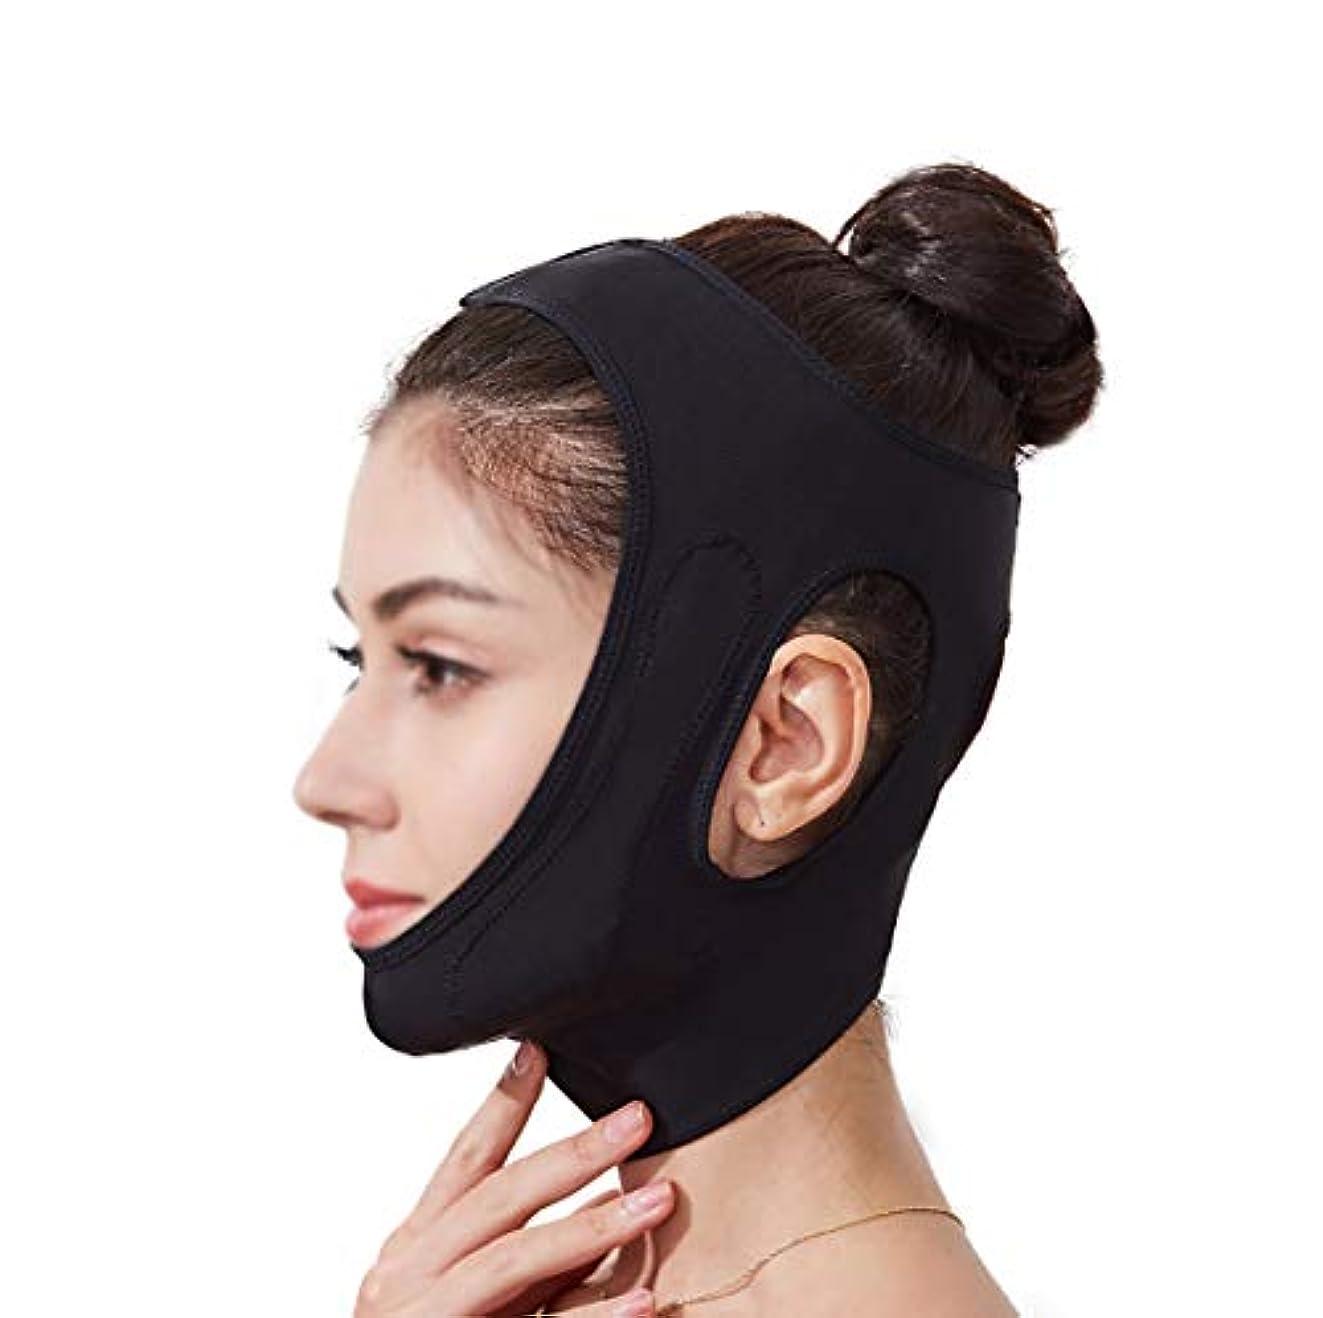 推論先例指LJK フェイスリフティングマスク、360°オールラウンドリフティングフェイシャルコンター、あごを閉じて肌を引き締め、快適でフェイスライトと通気性をサポート (Color : Black)